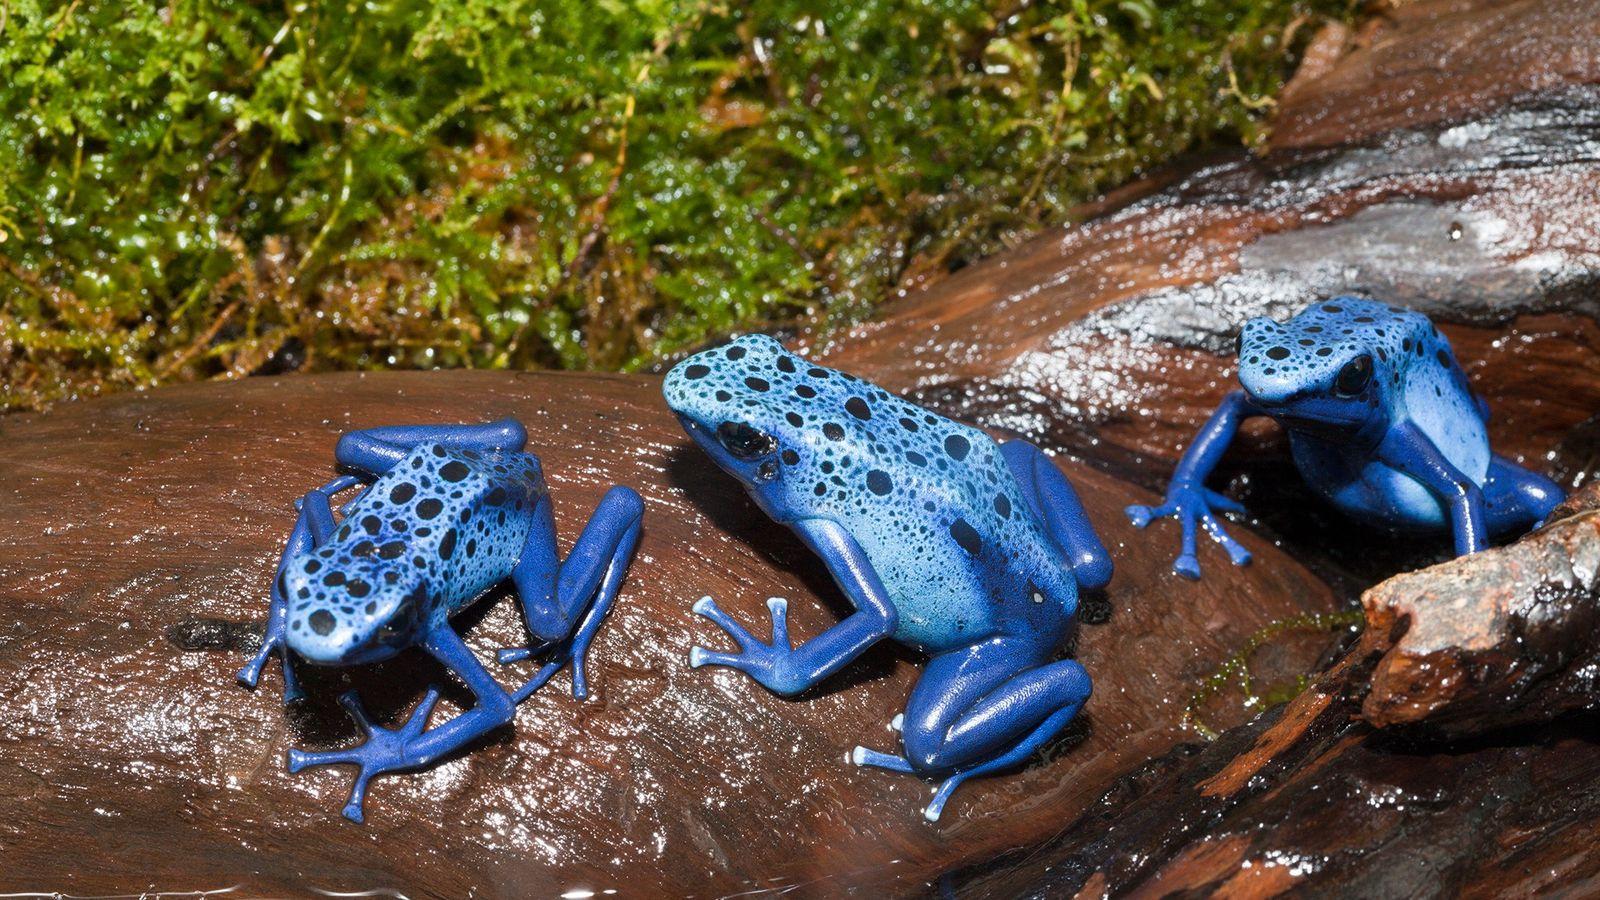 Des grenouilles bleues venimeuses de l'espèce Dendrobates tinctorius azureus.